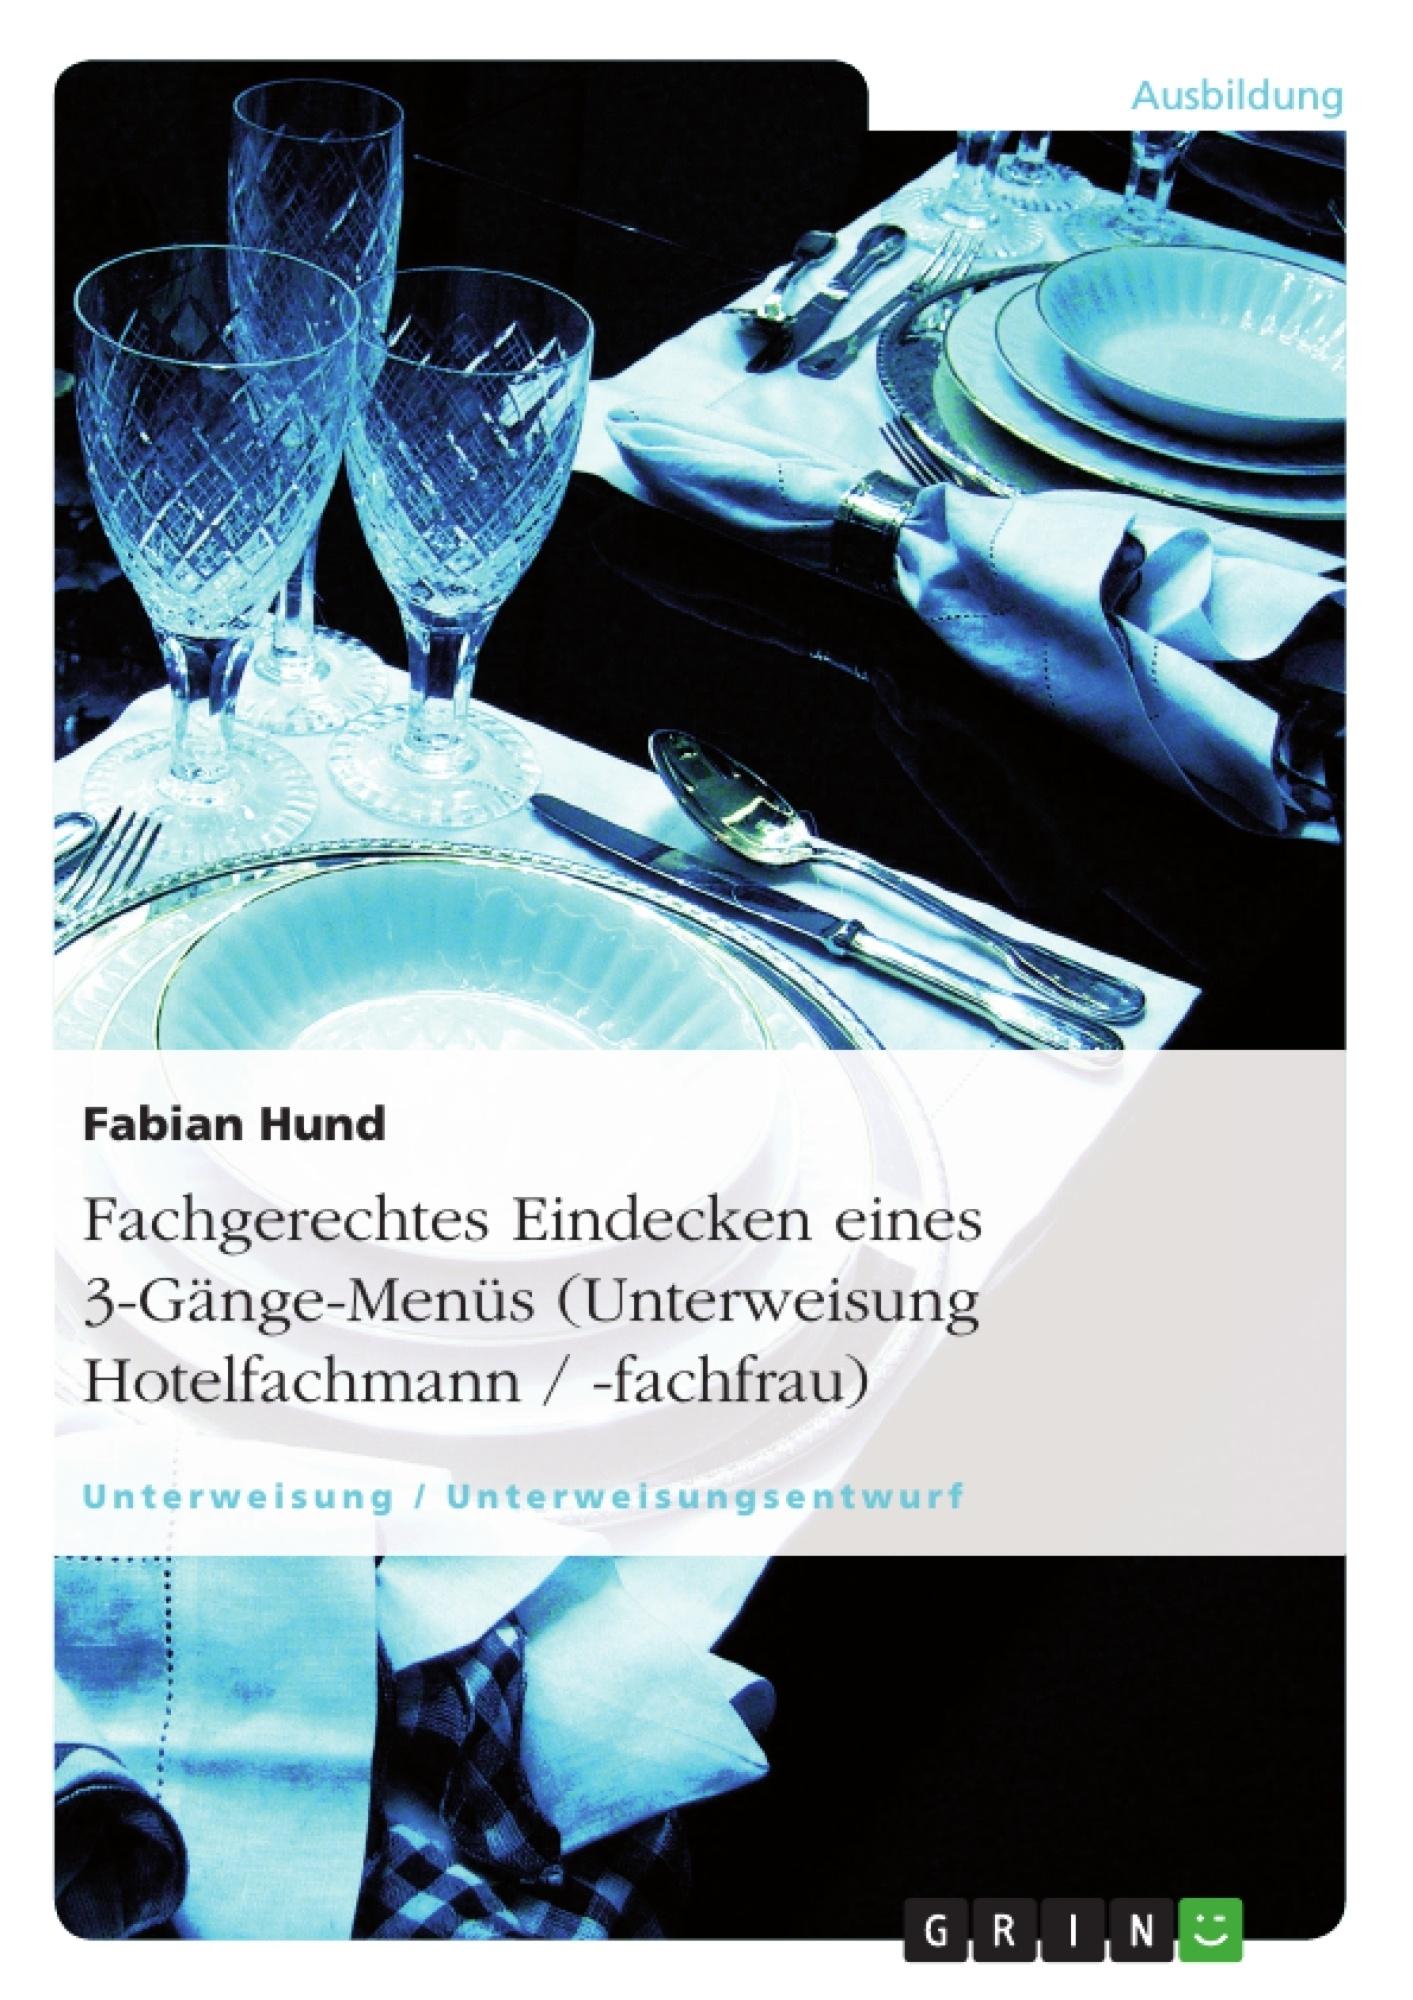 Titel: Fachgerechtes Eindecken eines 3-Gänge-Menüs (Unterweisung Hotelfachmann / -fachfrau)